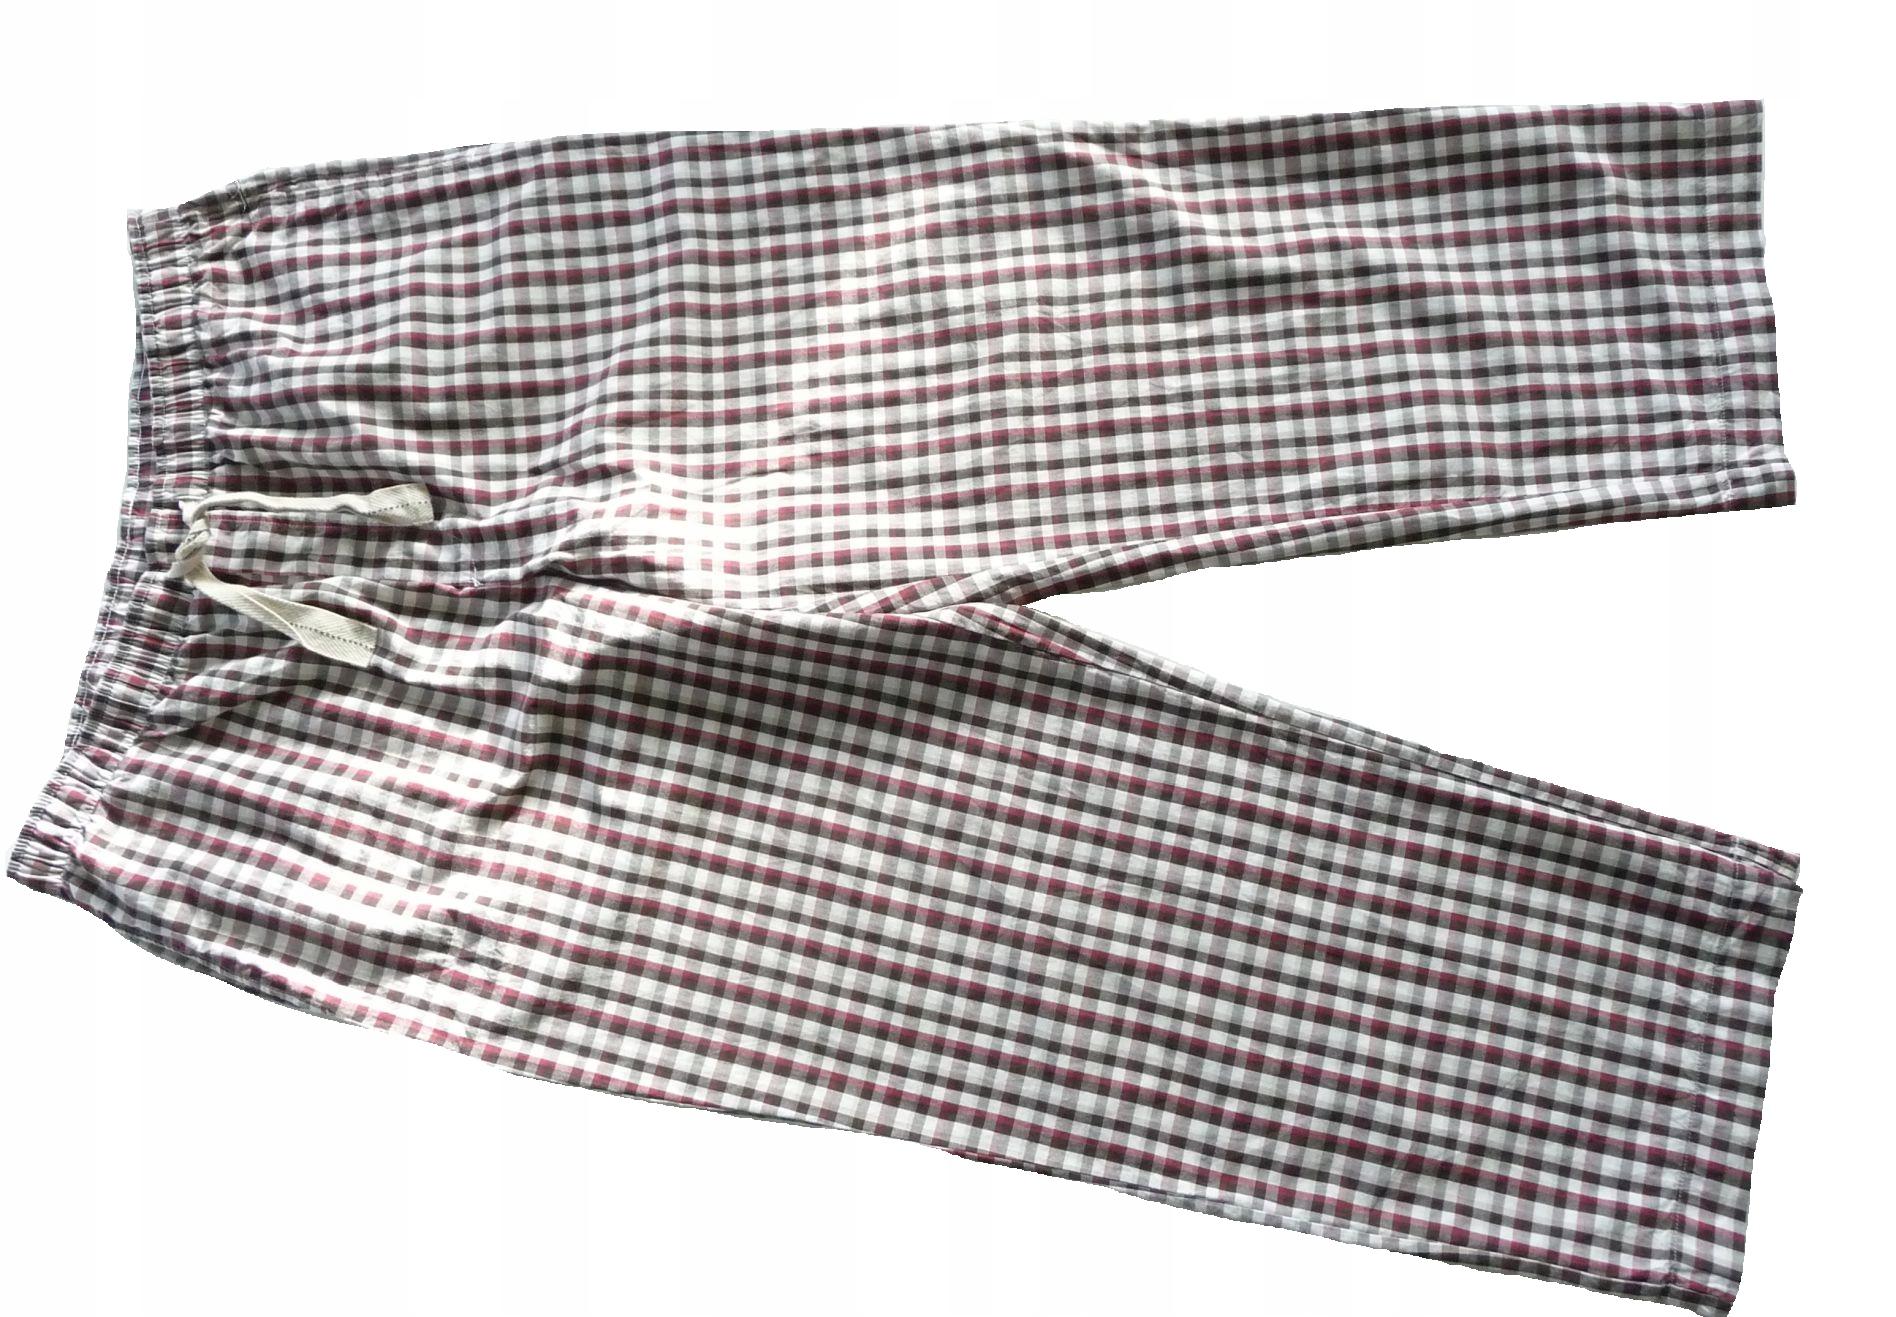 M&S Spodnie od piżamy męskie L kieszenie17c119